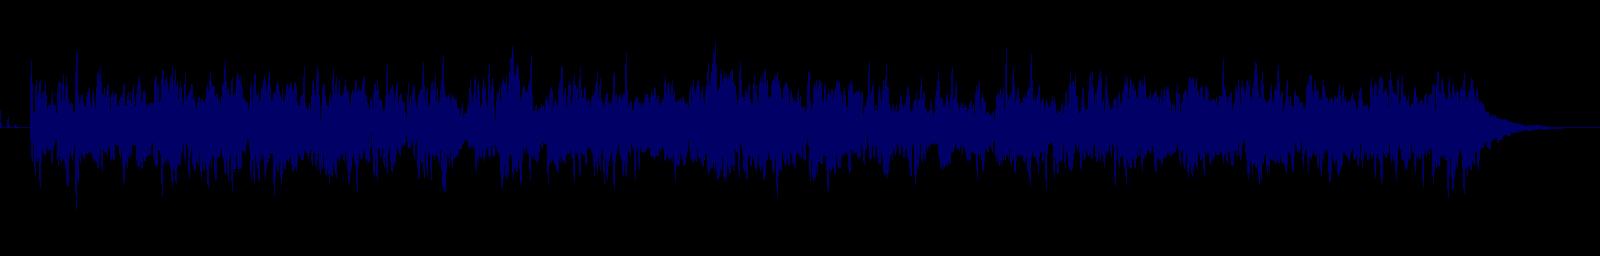 waveform of track #102323